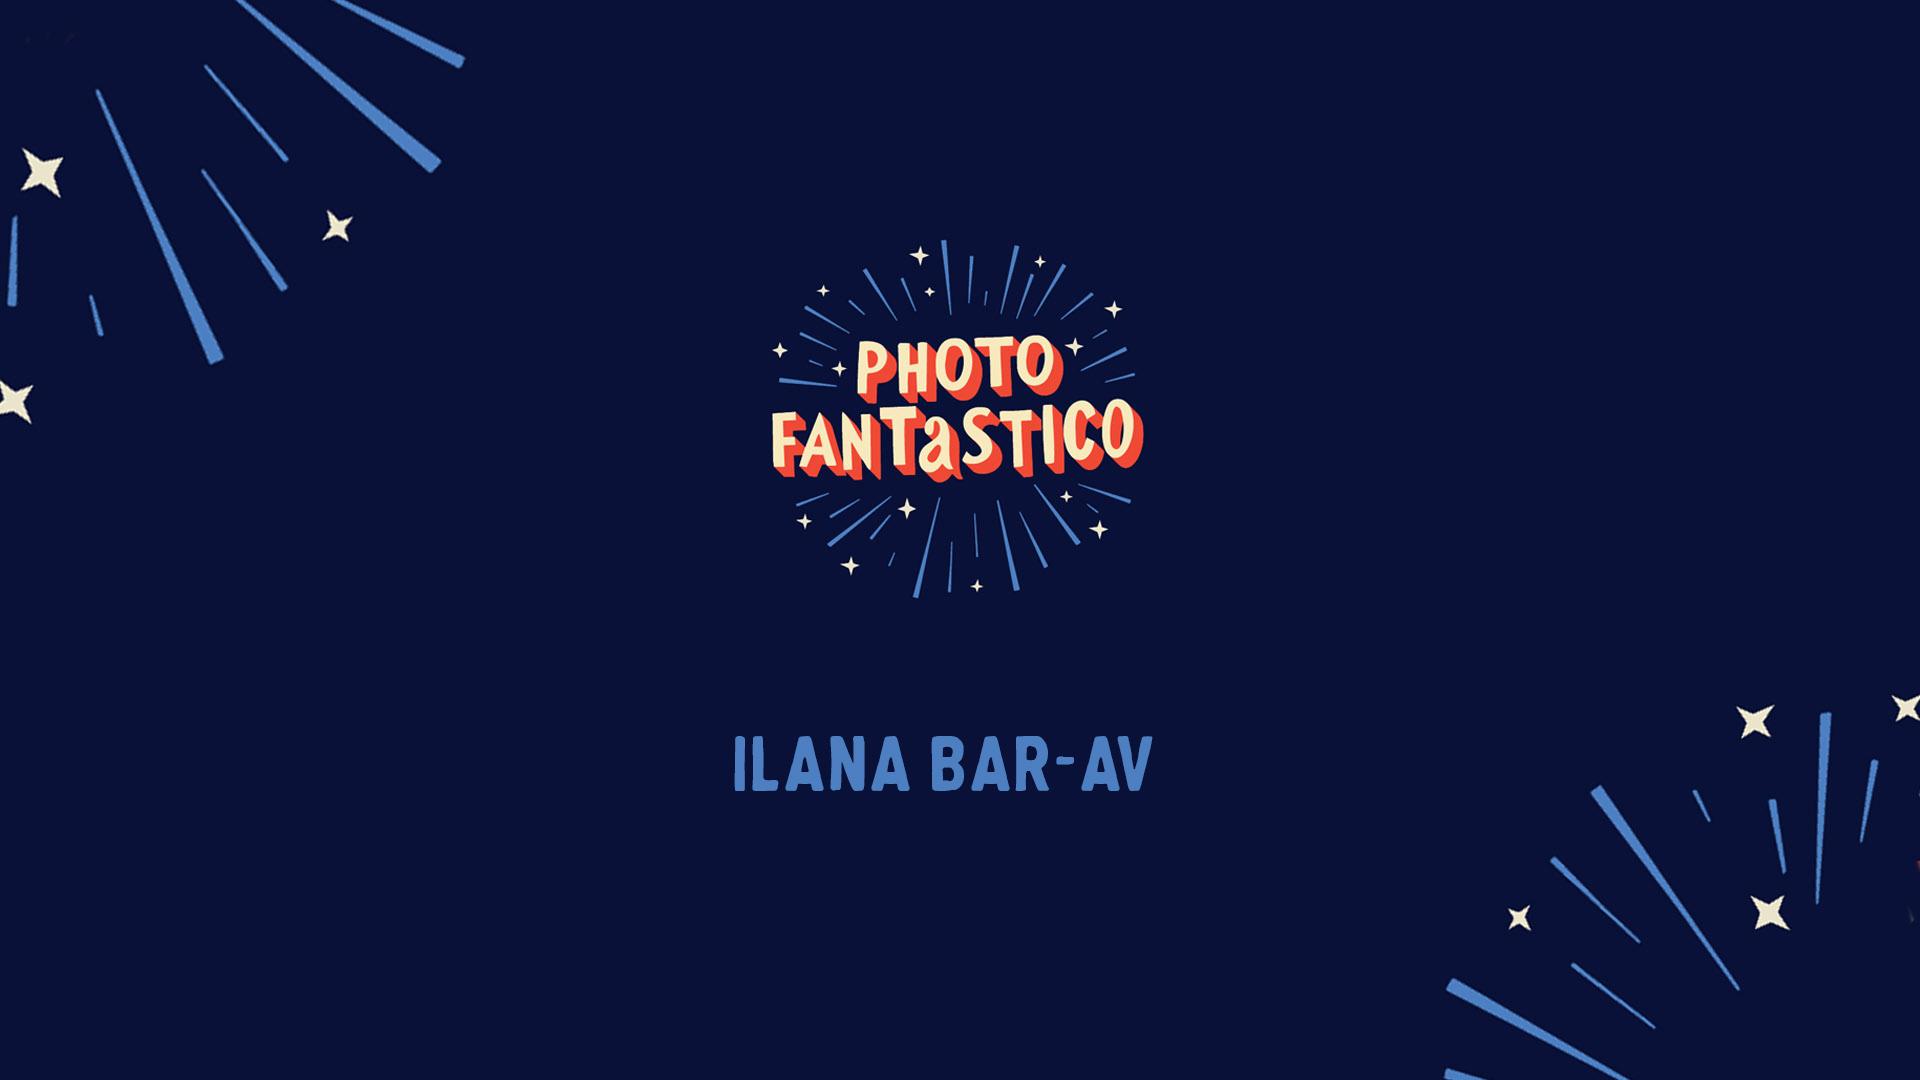 Ilana Bar-Av